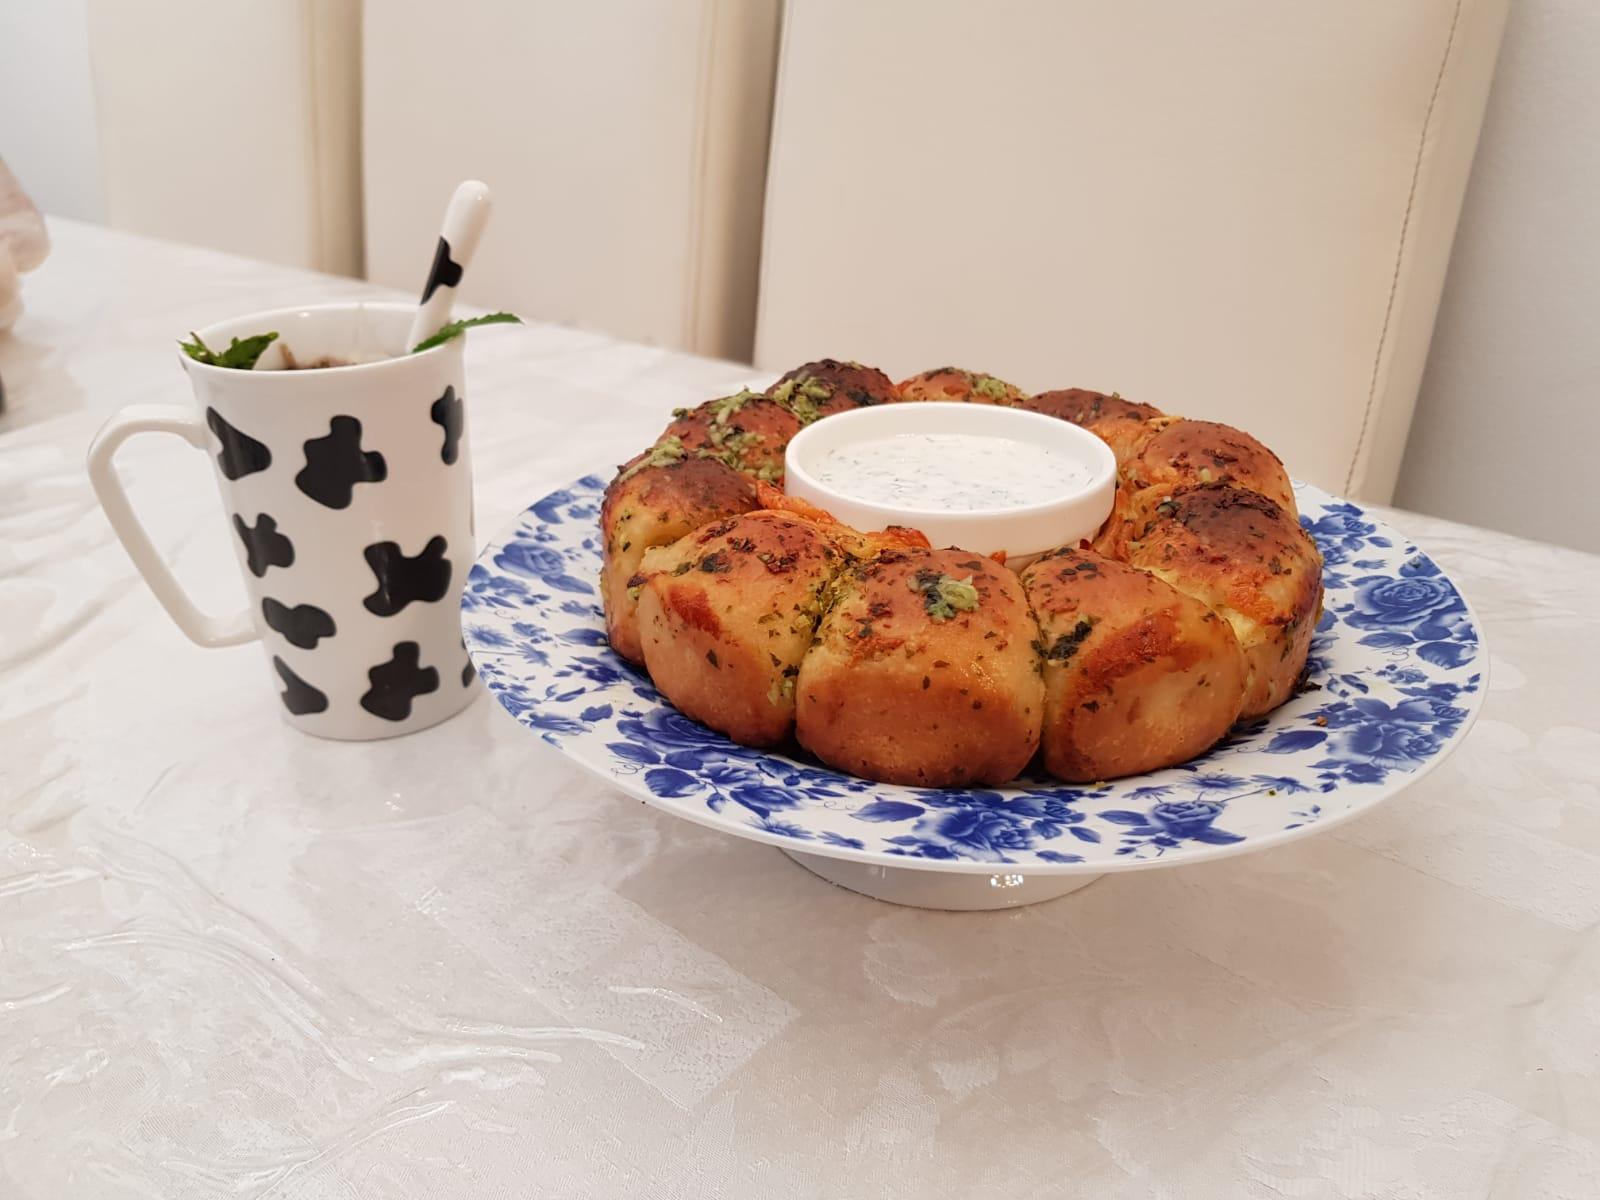 מאפה לחם שום במלית גבינות | צמד השבוע